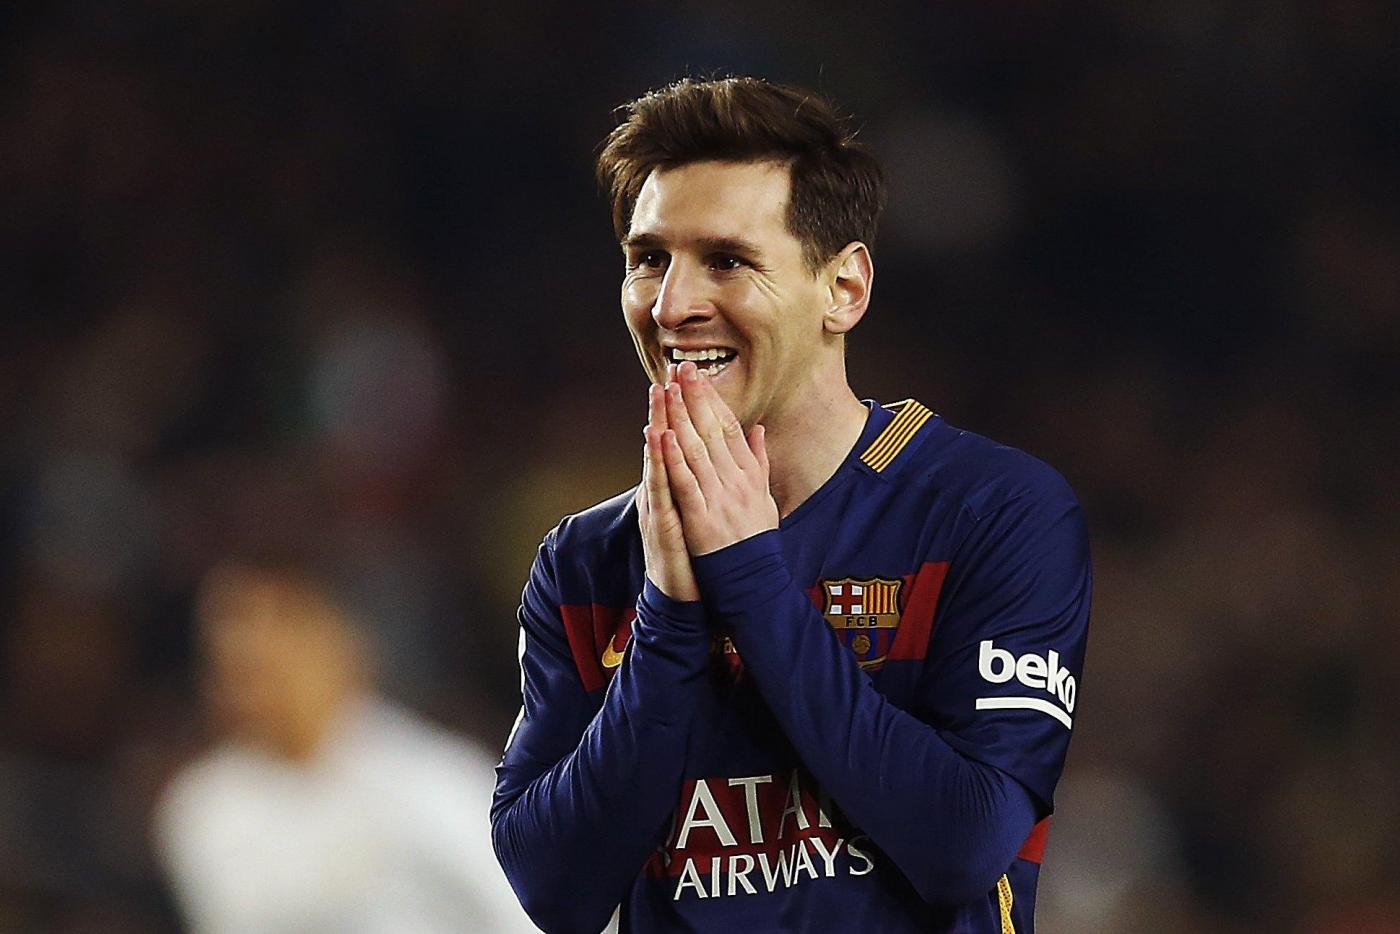 Barcellona Real Madrid Supercoppa di Spagna: probabili formazioni, dove vederla in diretta TV e in streaming